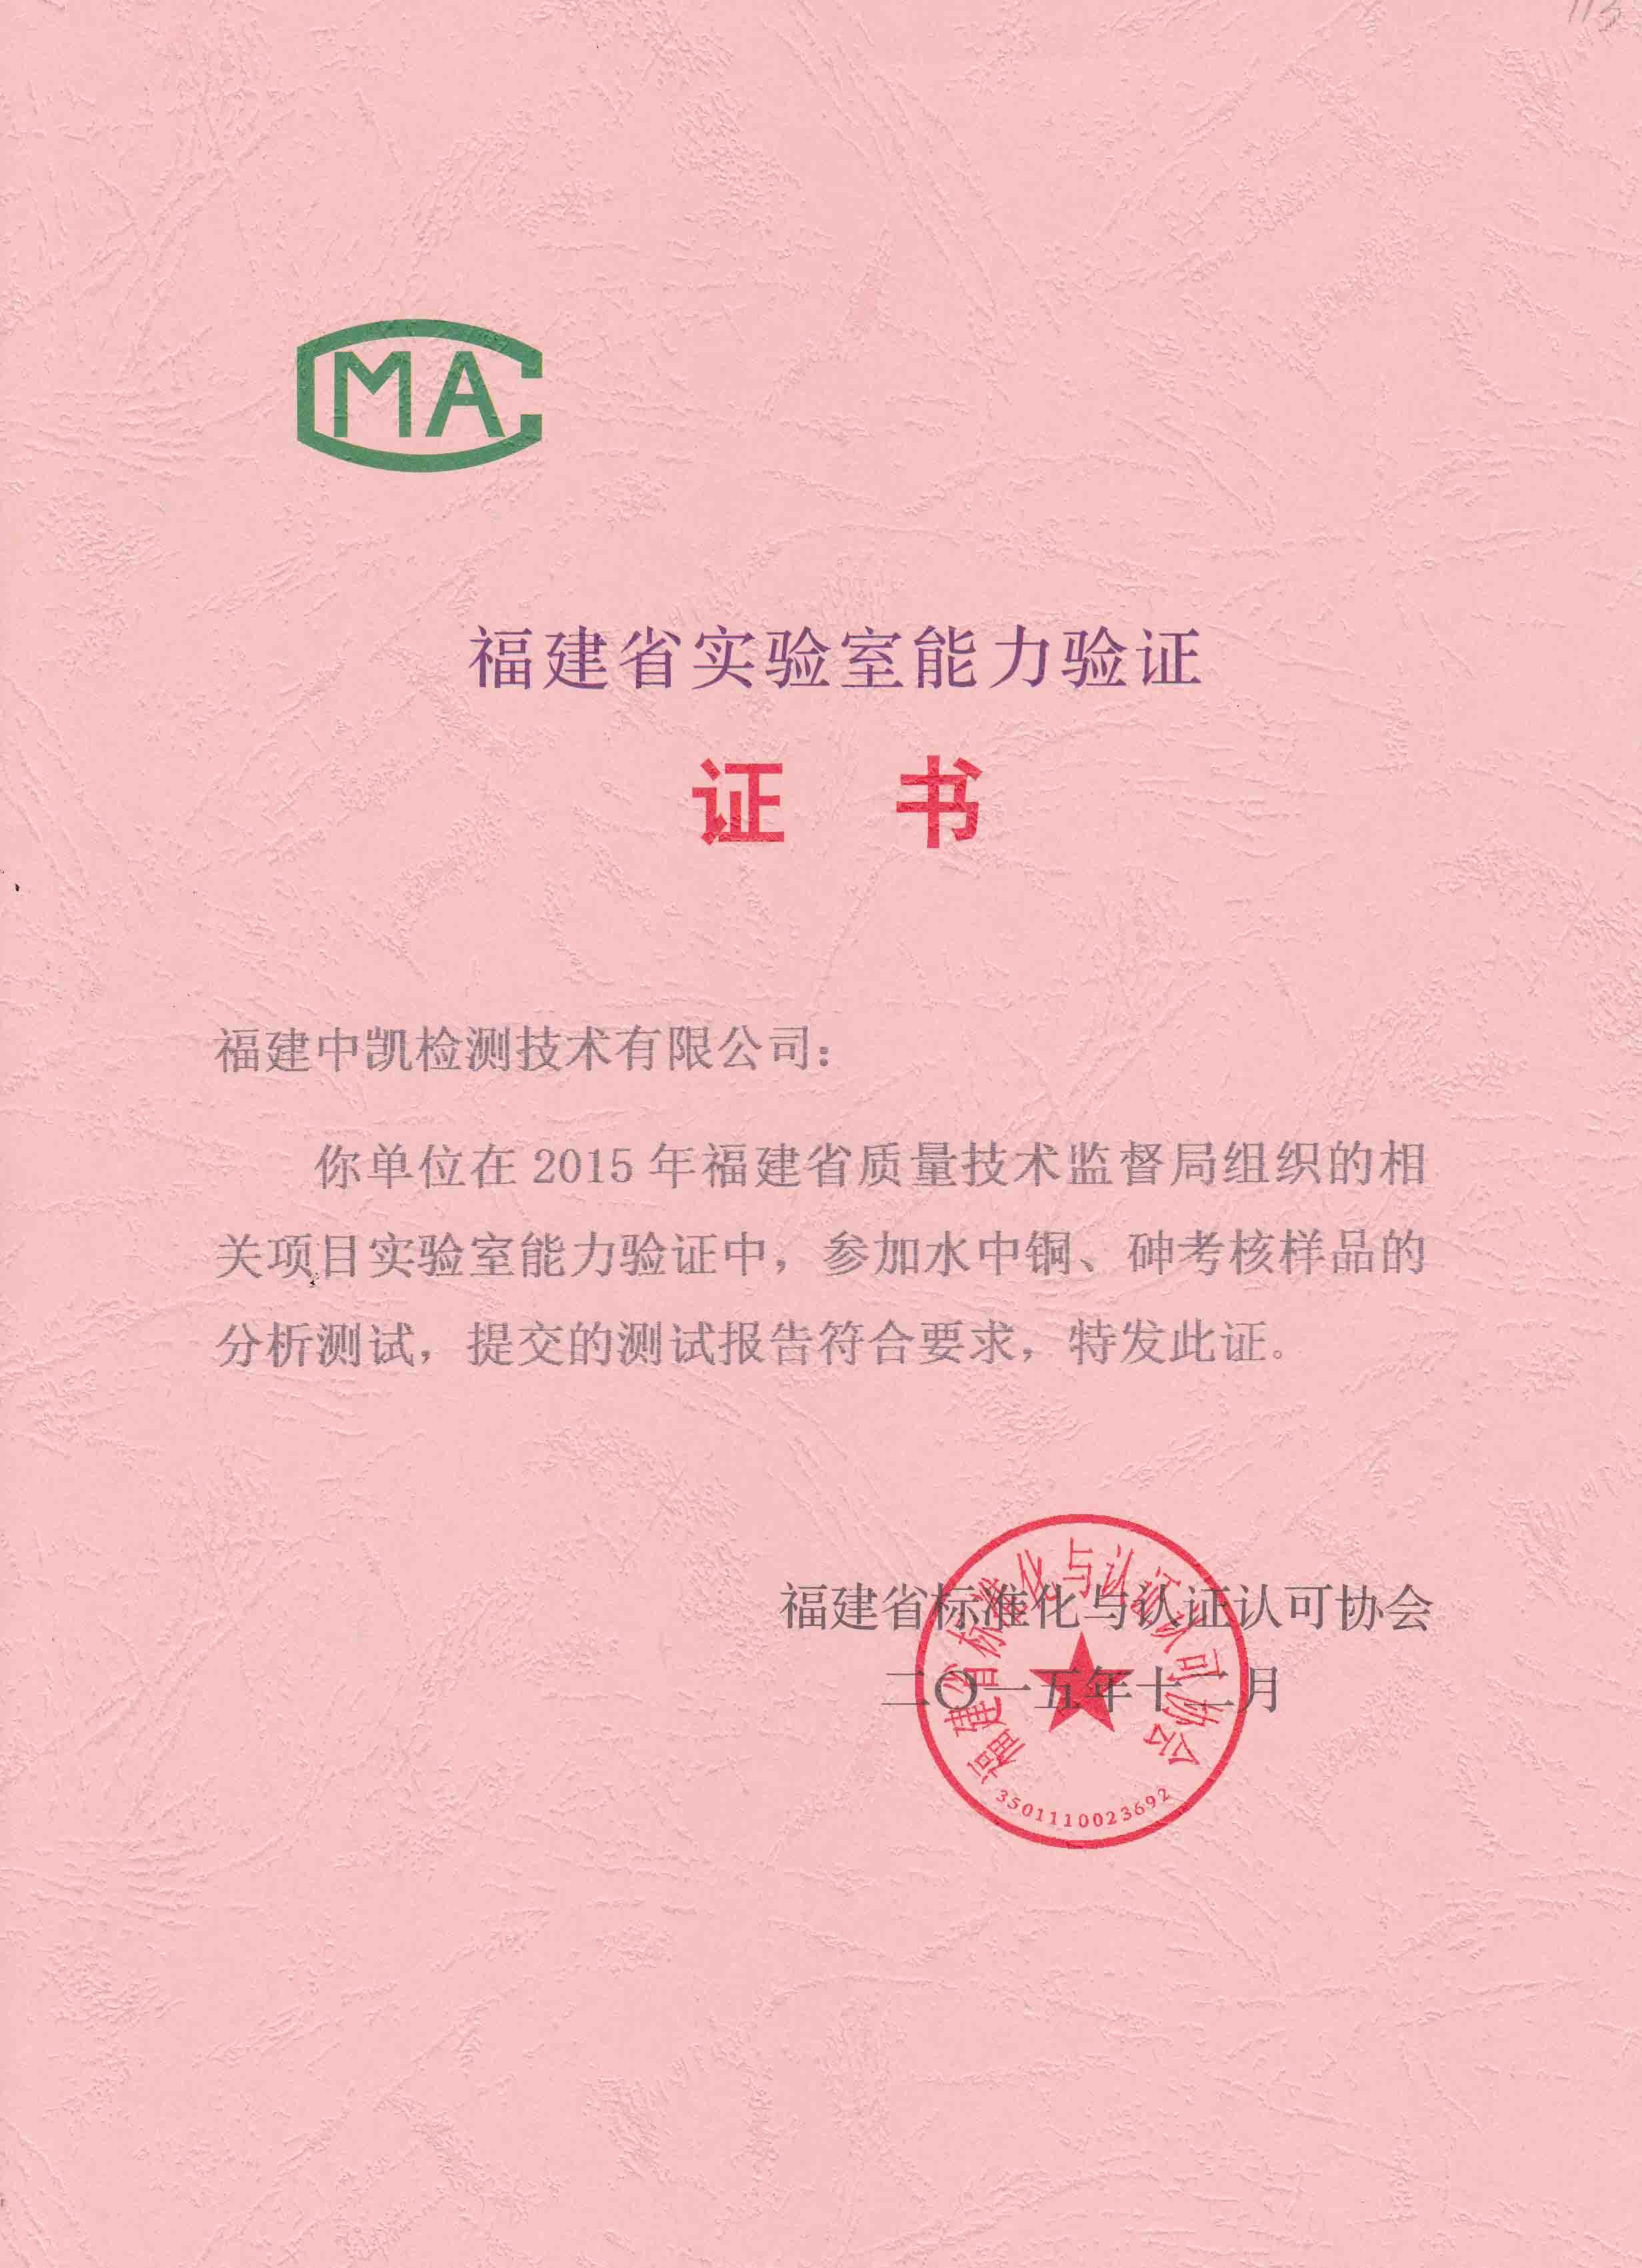 本公司通过2015年福建省实验室能力考核验证!